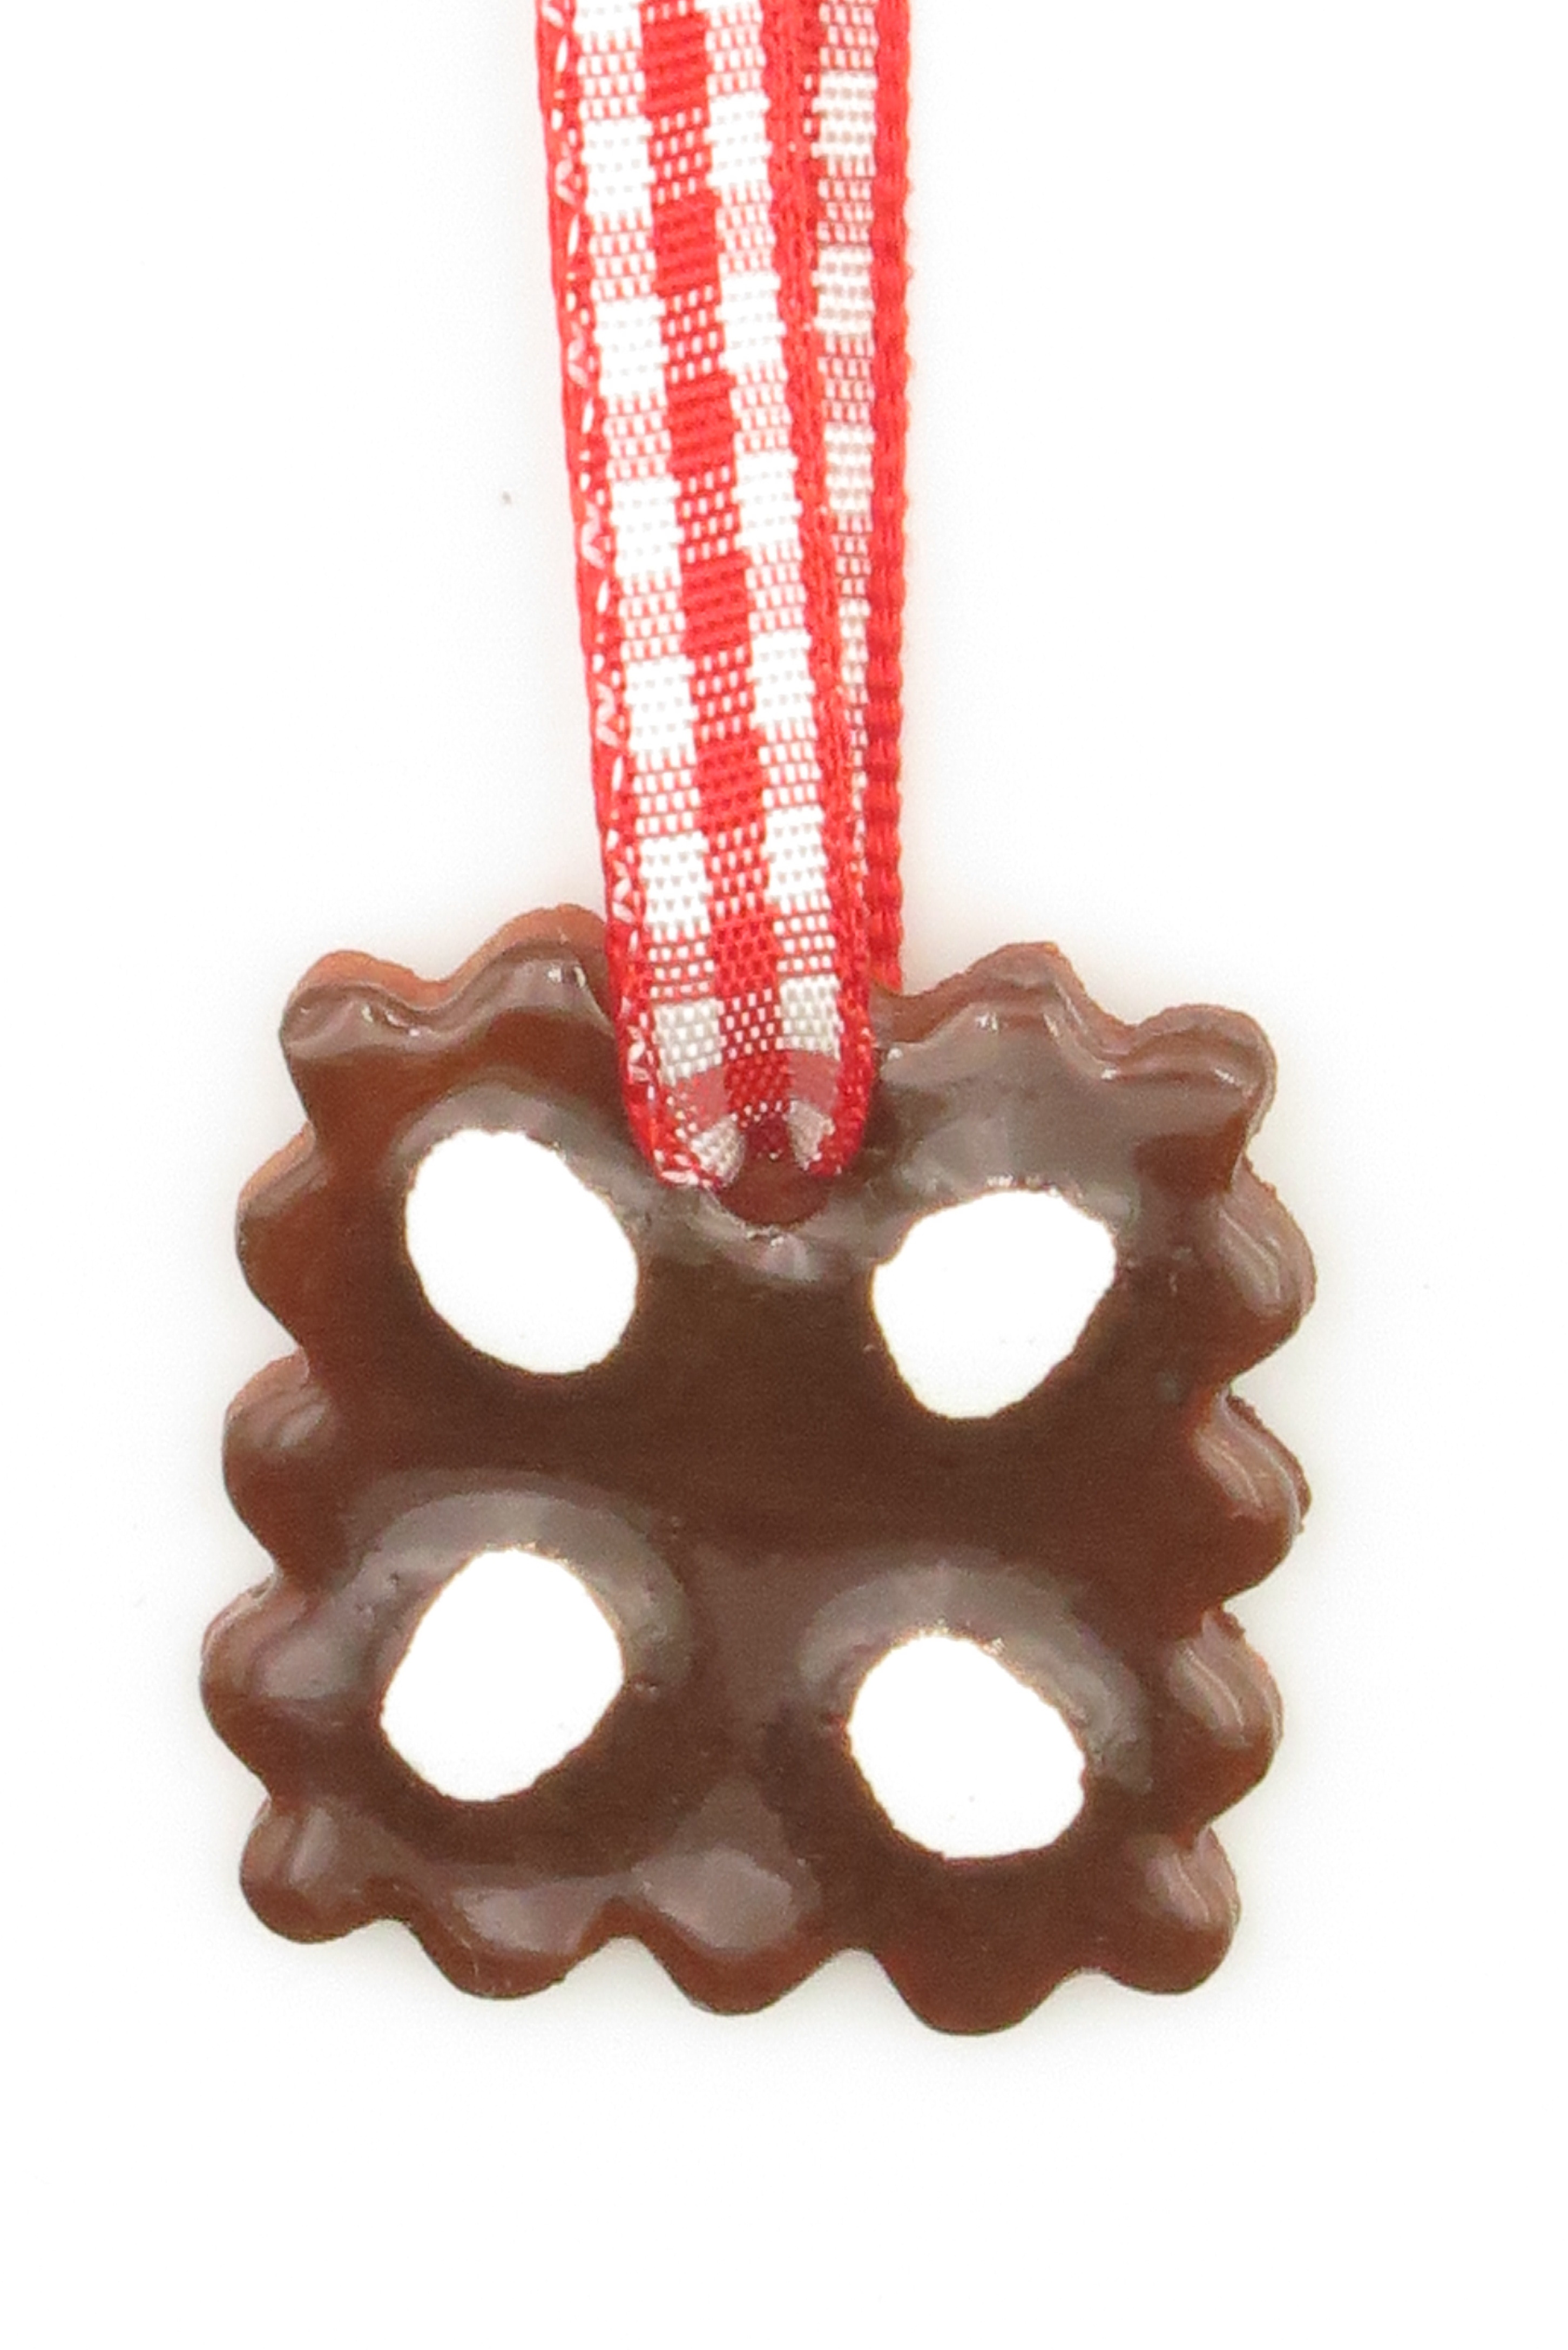 Schoko Lebkuchen mit Zuckerguss Keramik Geschenk Anhänger Weihnachten/ S 2,5cm